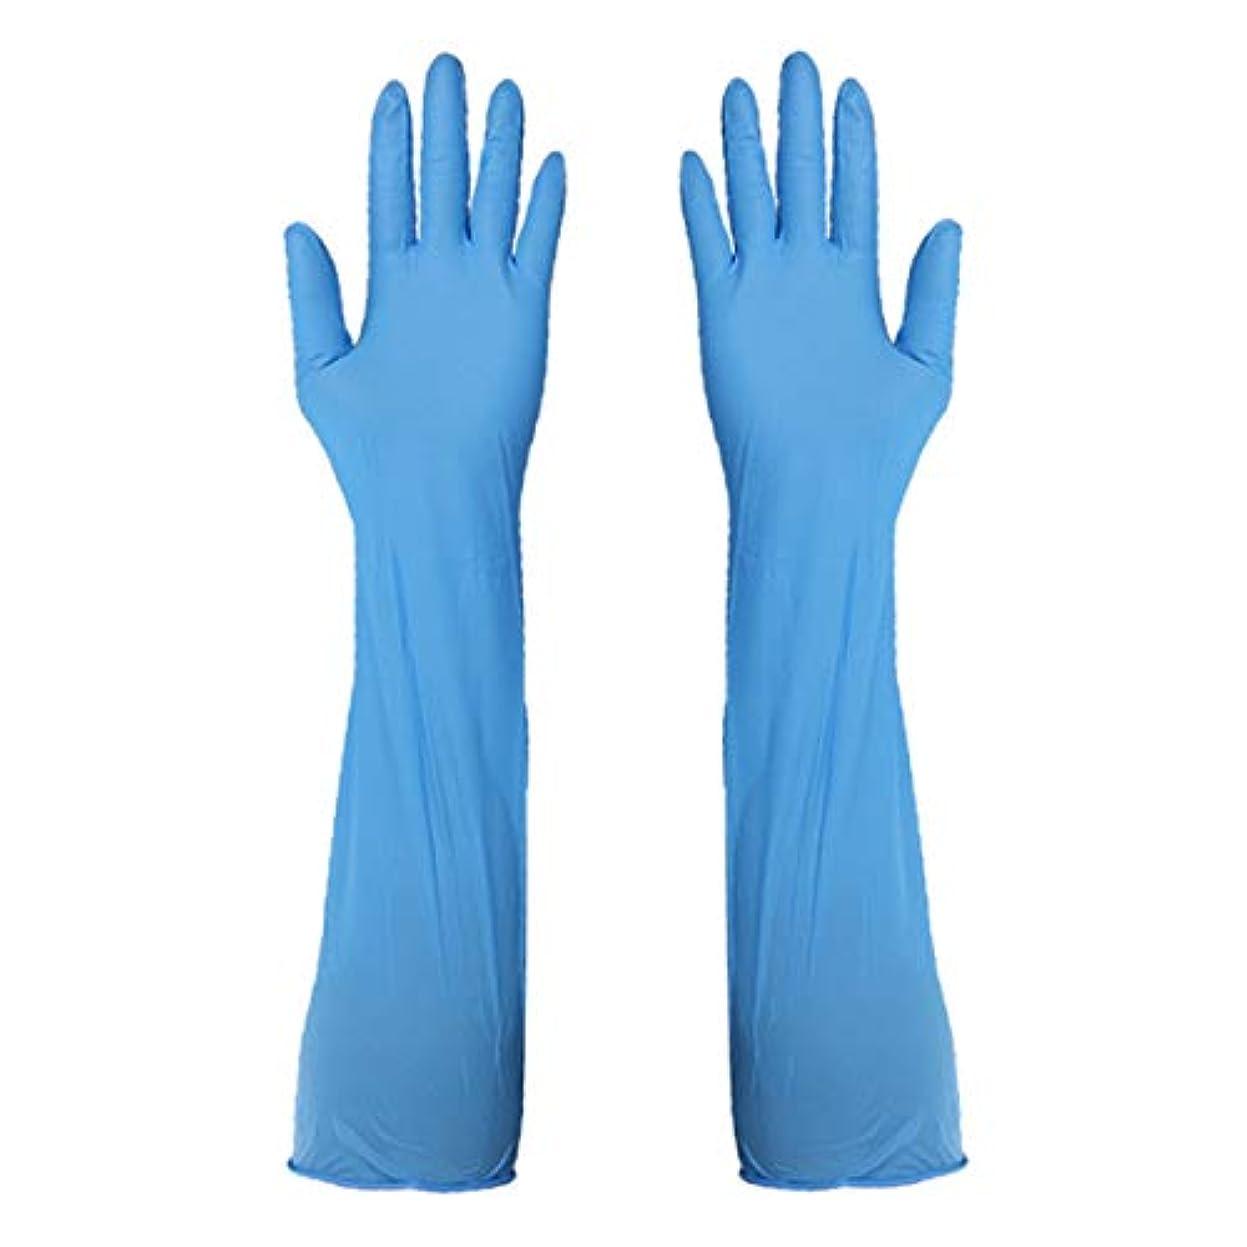 レザー雑種一月ニトリルグローブ 使い捨て手袋 手袋を長くする グローブ パウダーフリー 作業 介護 調理 炊事 園芸 掃除用 10組,S